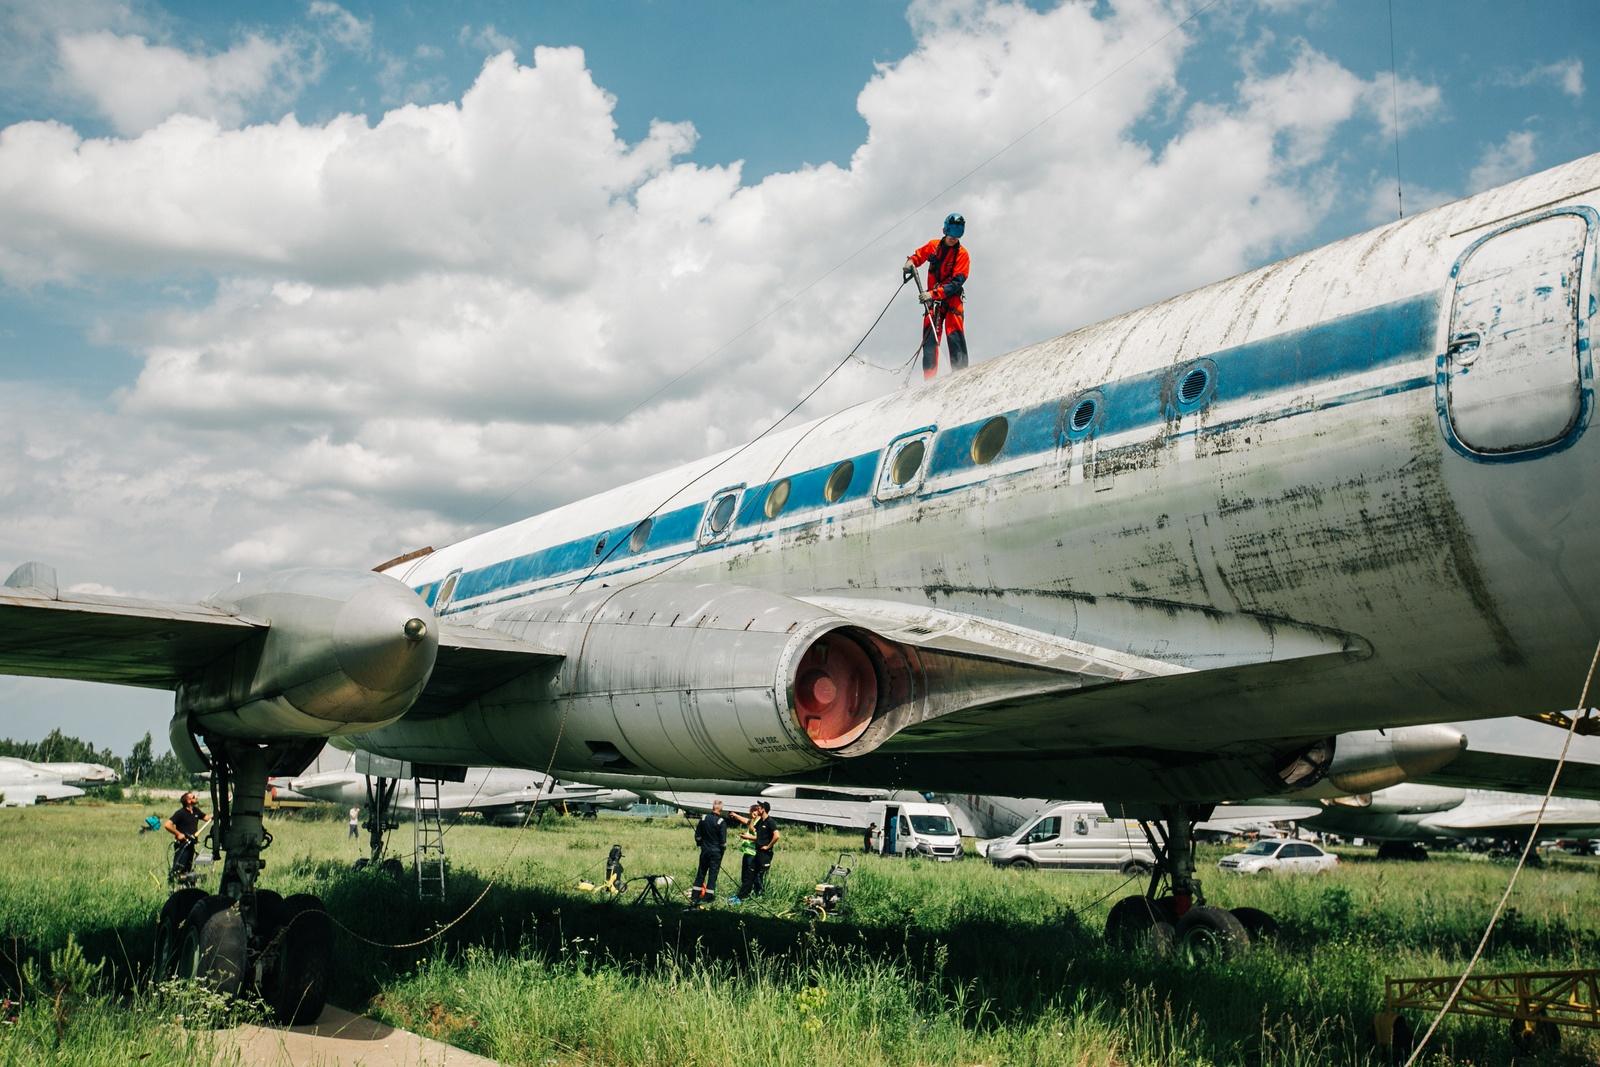 Kletterausrüstung Flugzeug : Ehemaliges trainingsflugzeug für astronauten auf hochglanz